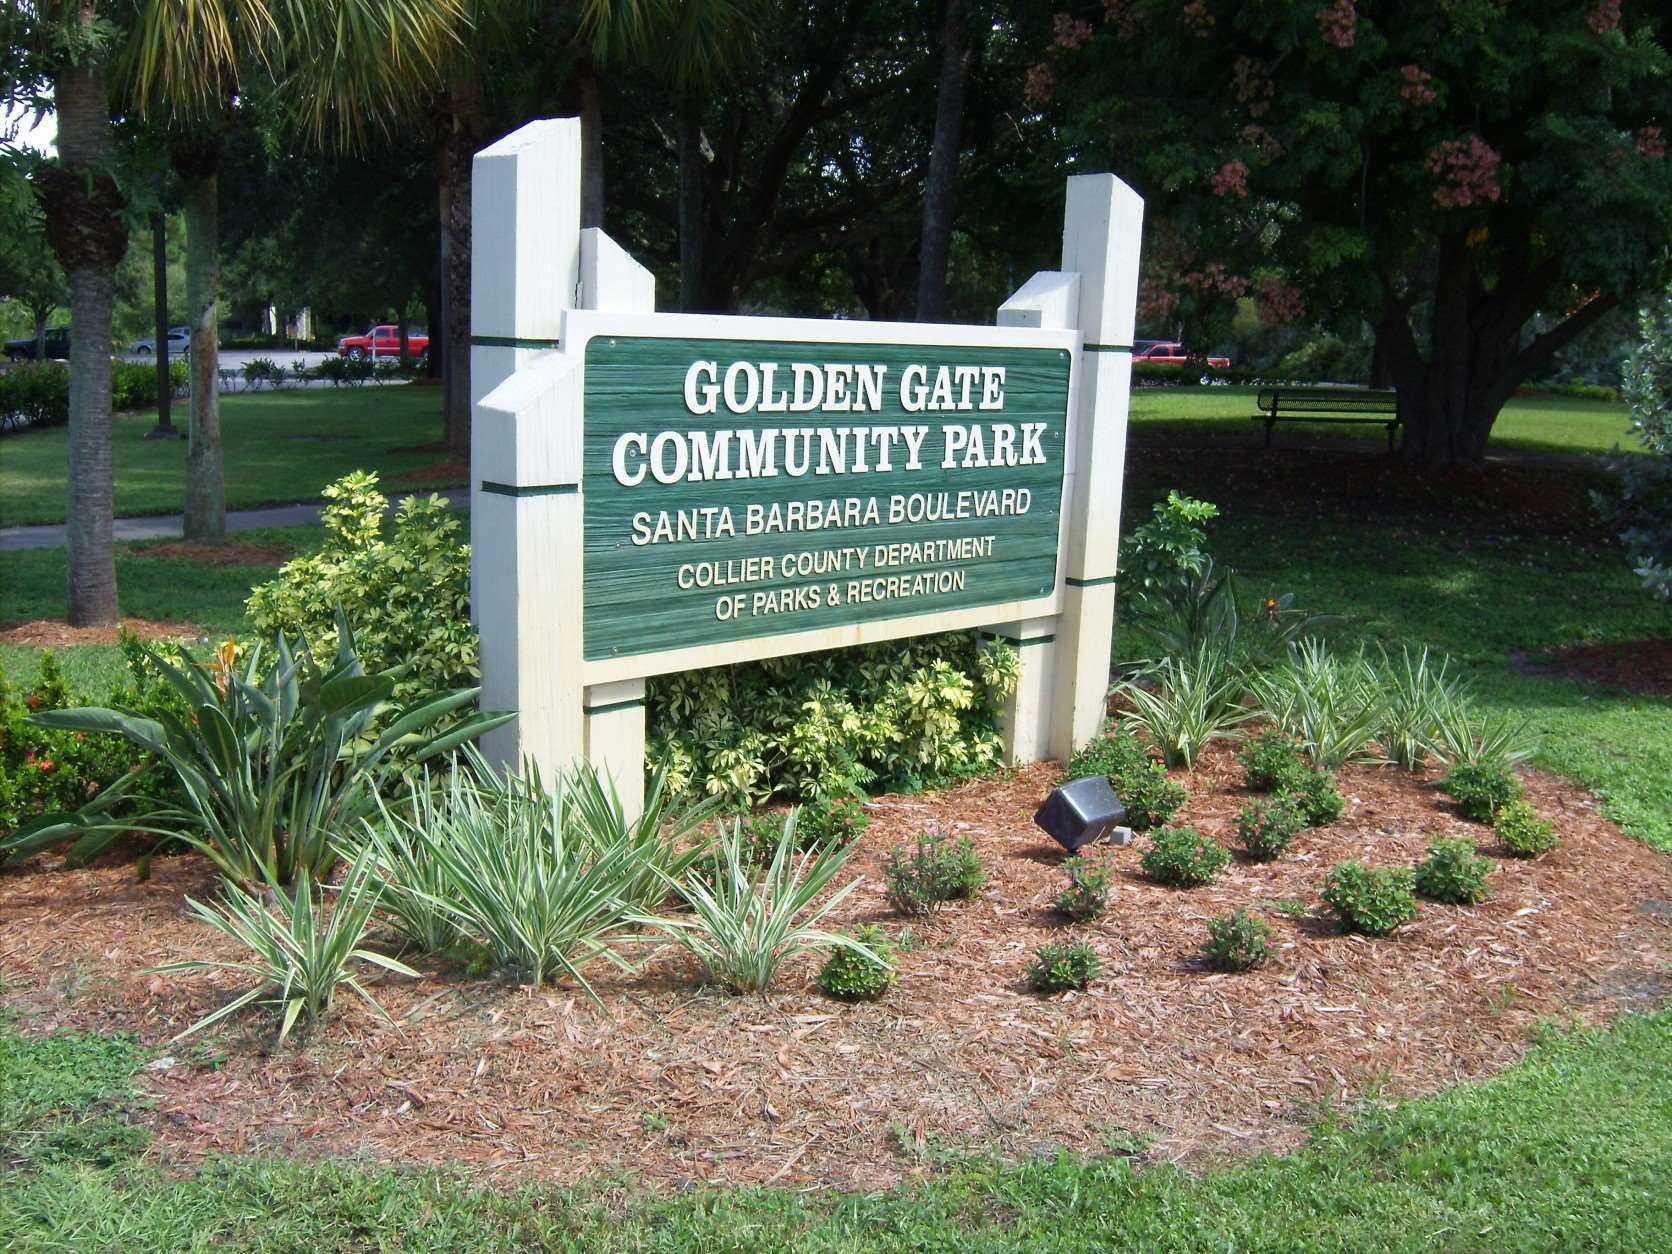 golden gate communty park 1